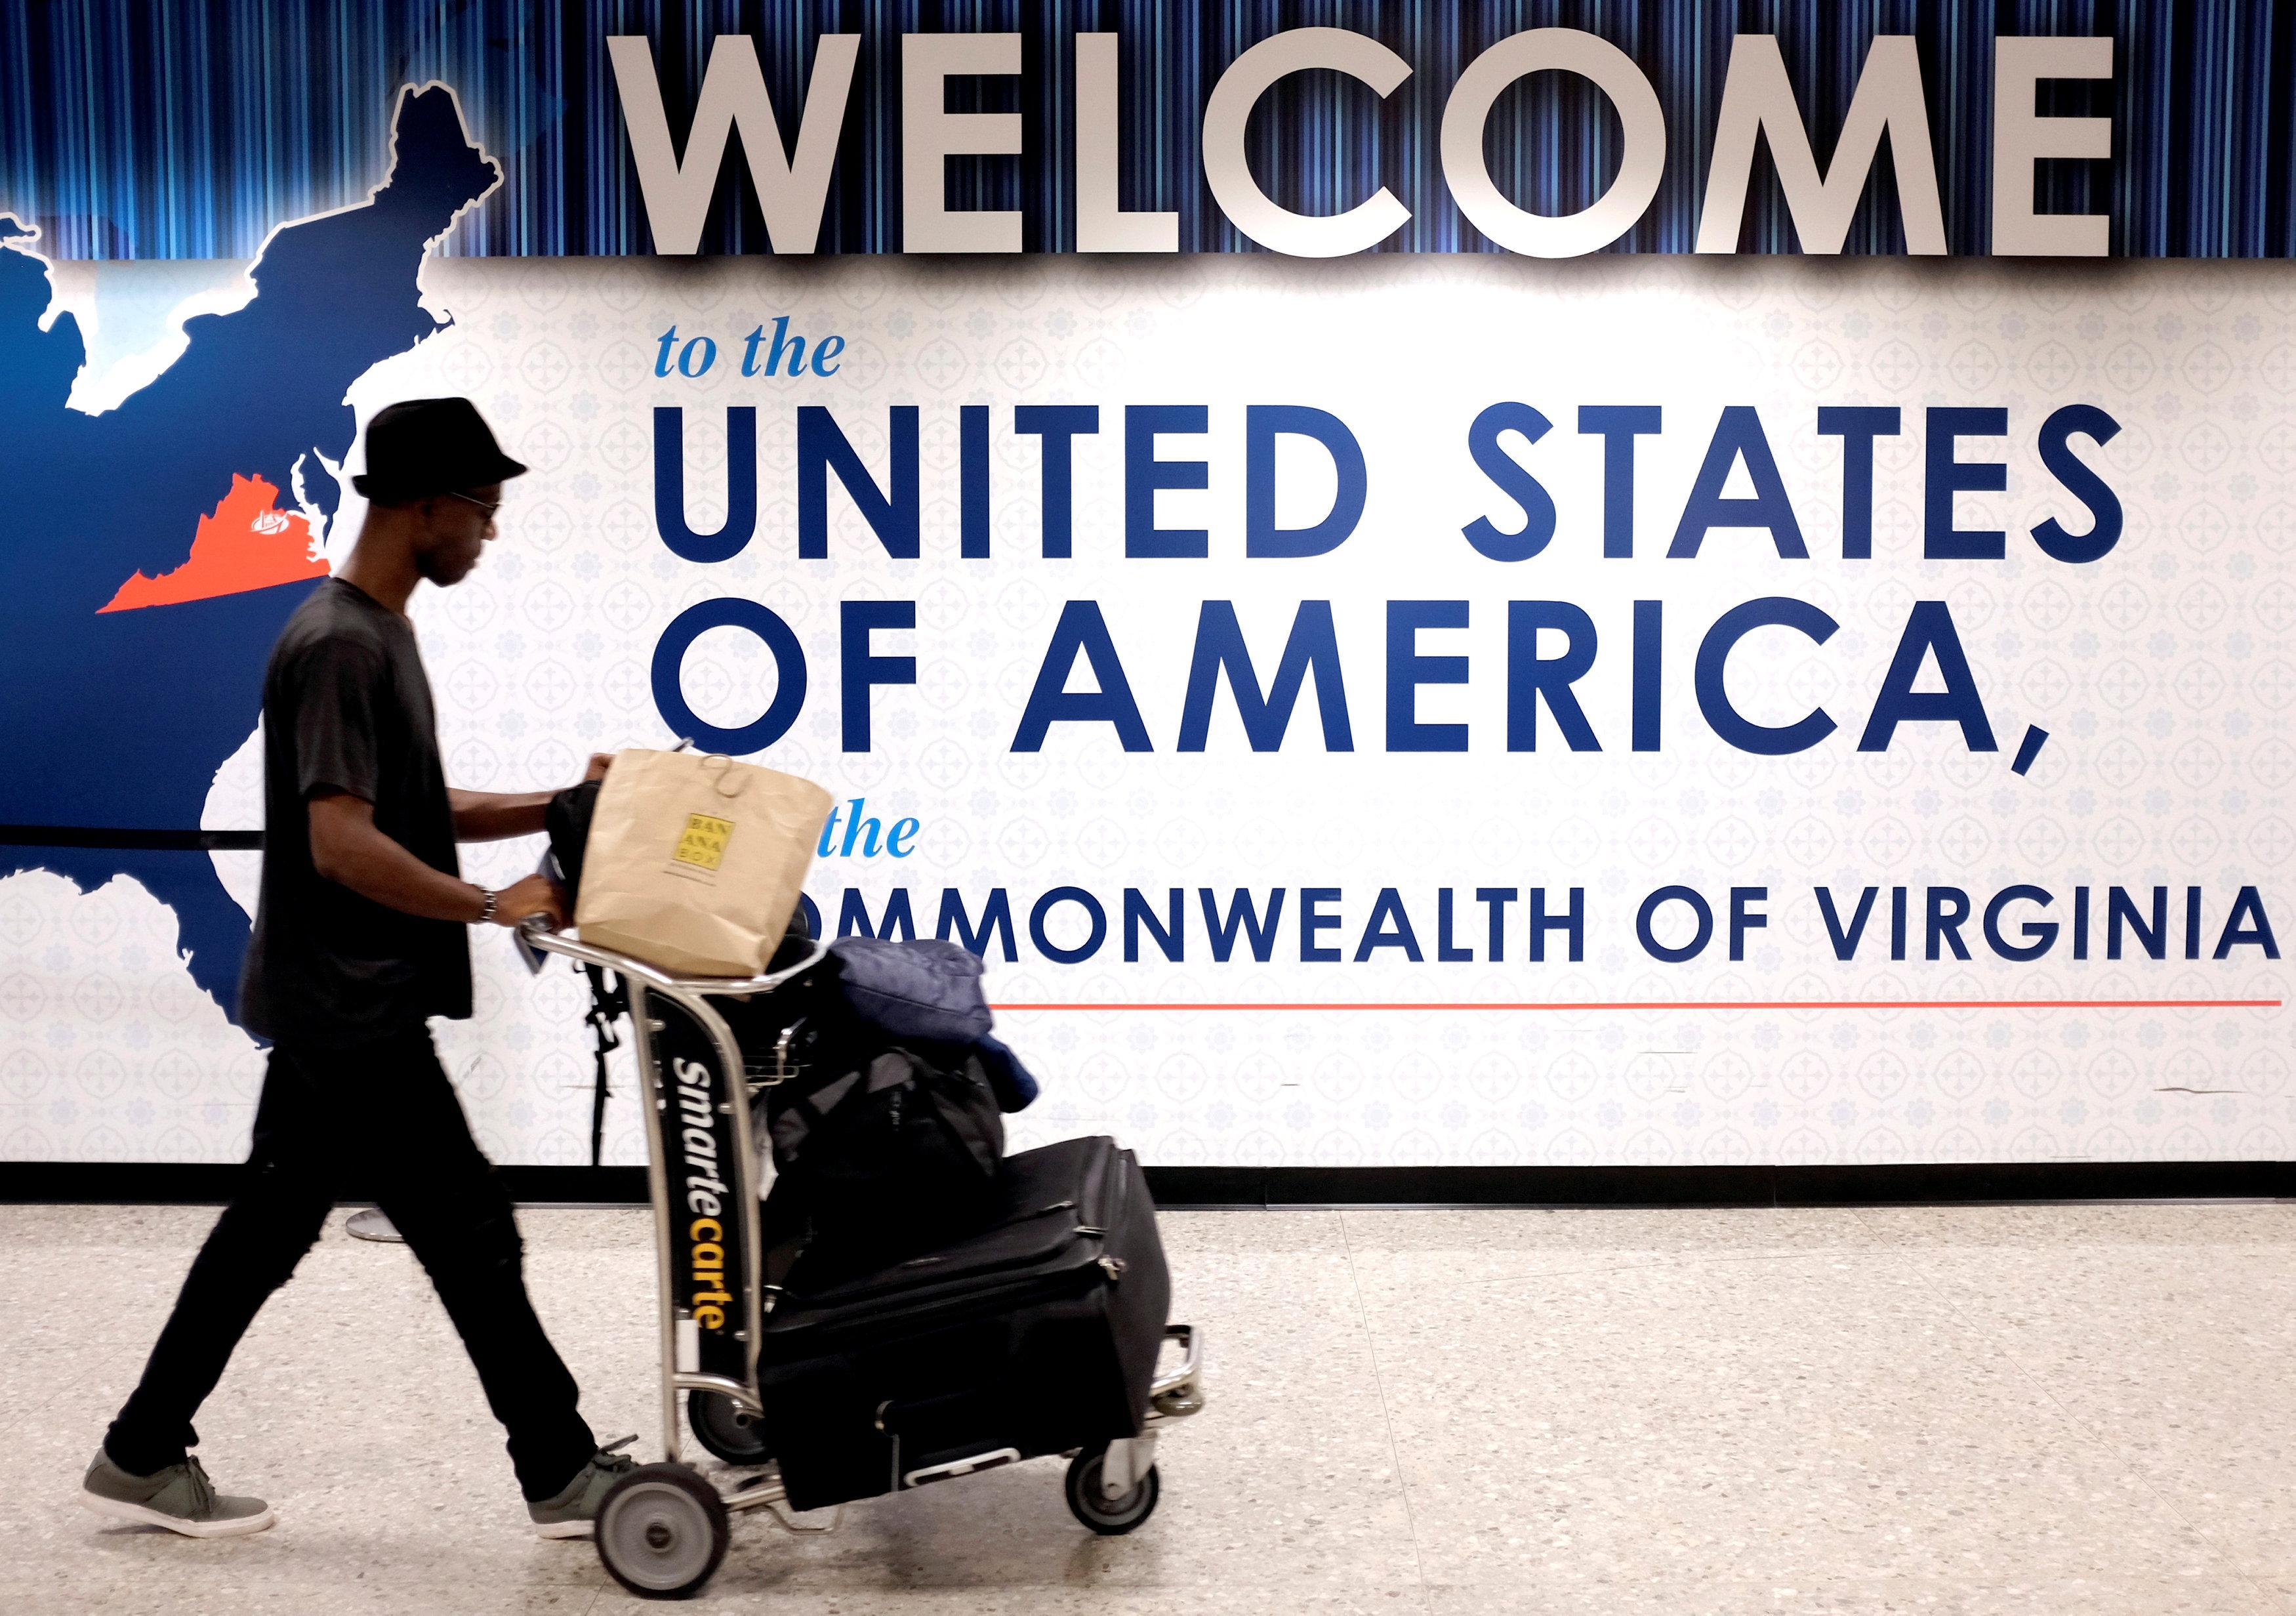 USA: Wer ein Visum will, muss Social-Media-Profile bekanntgeben